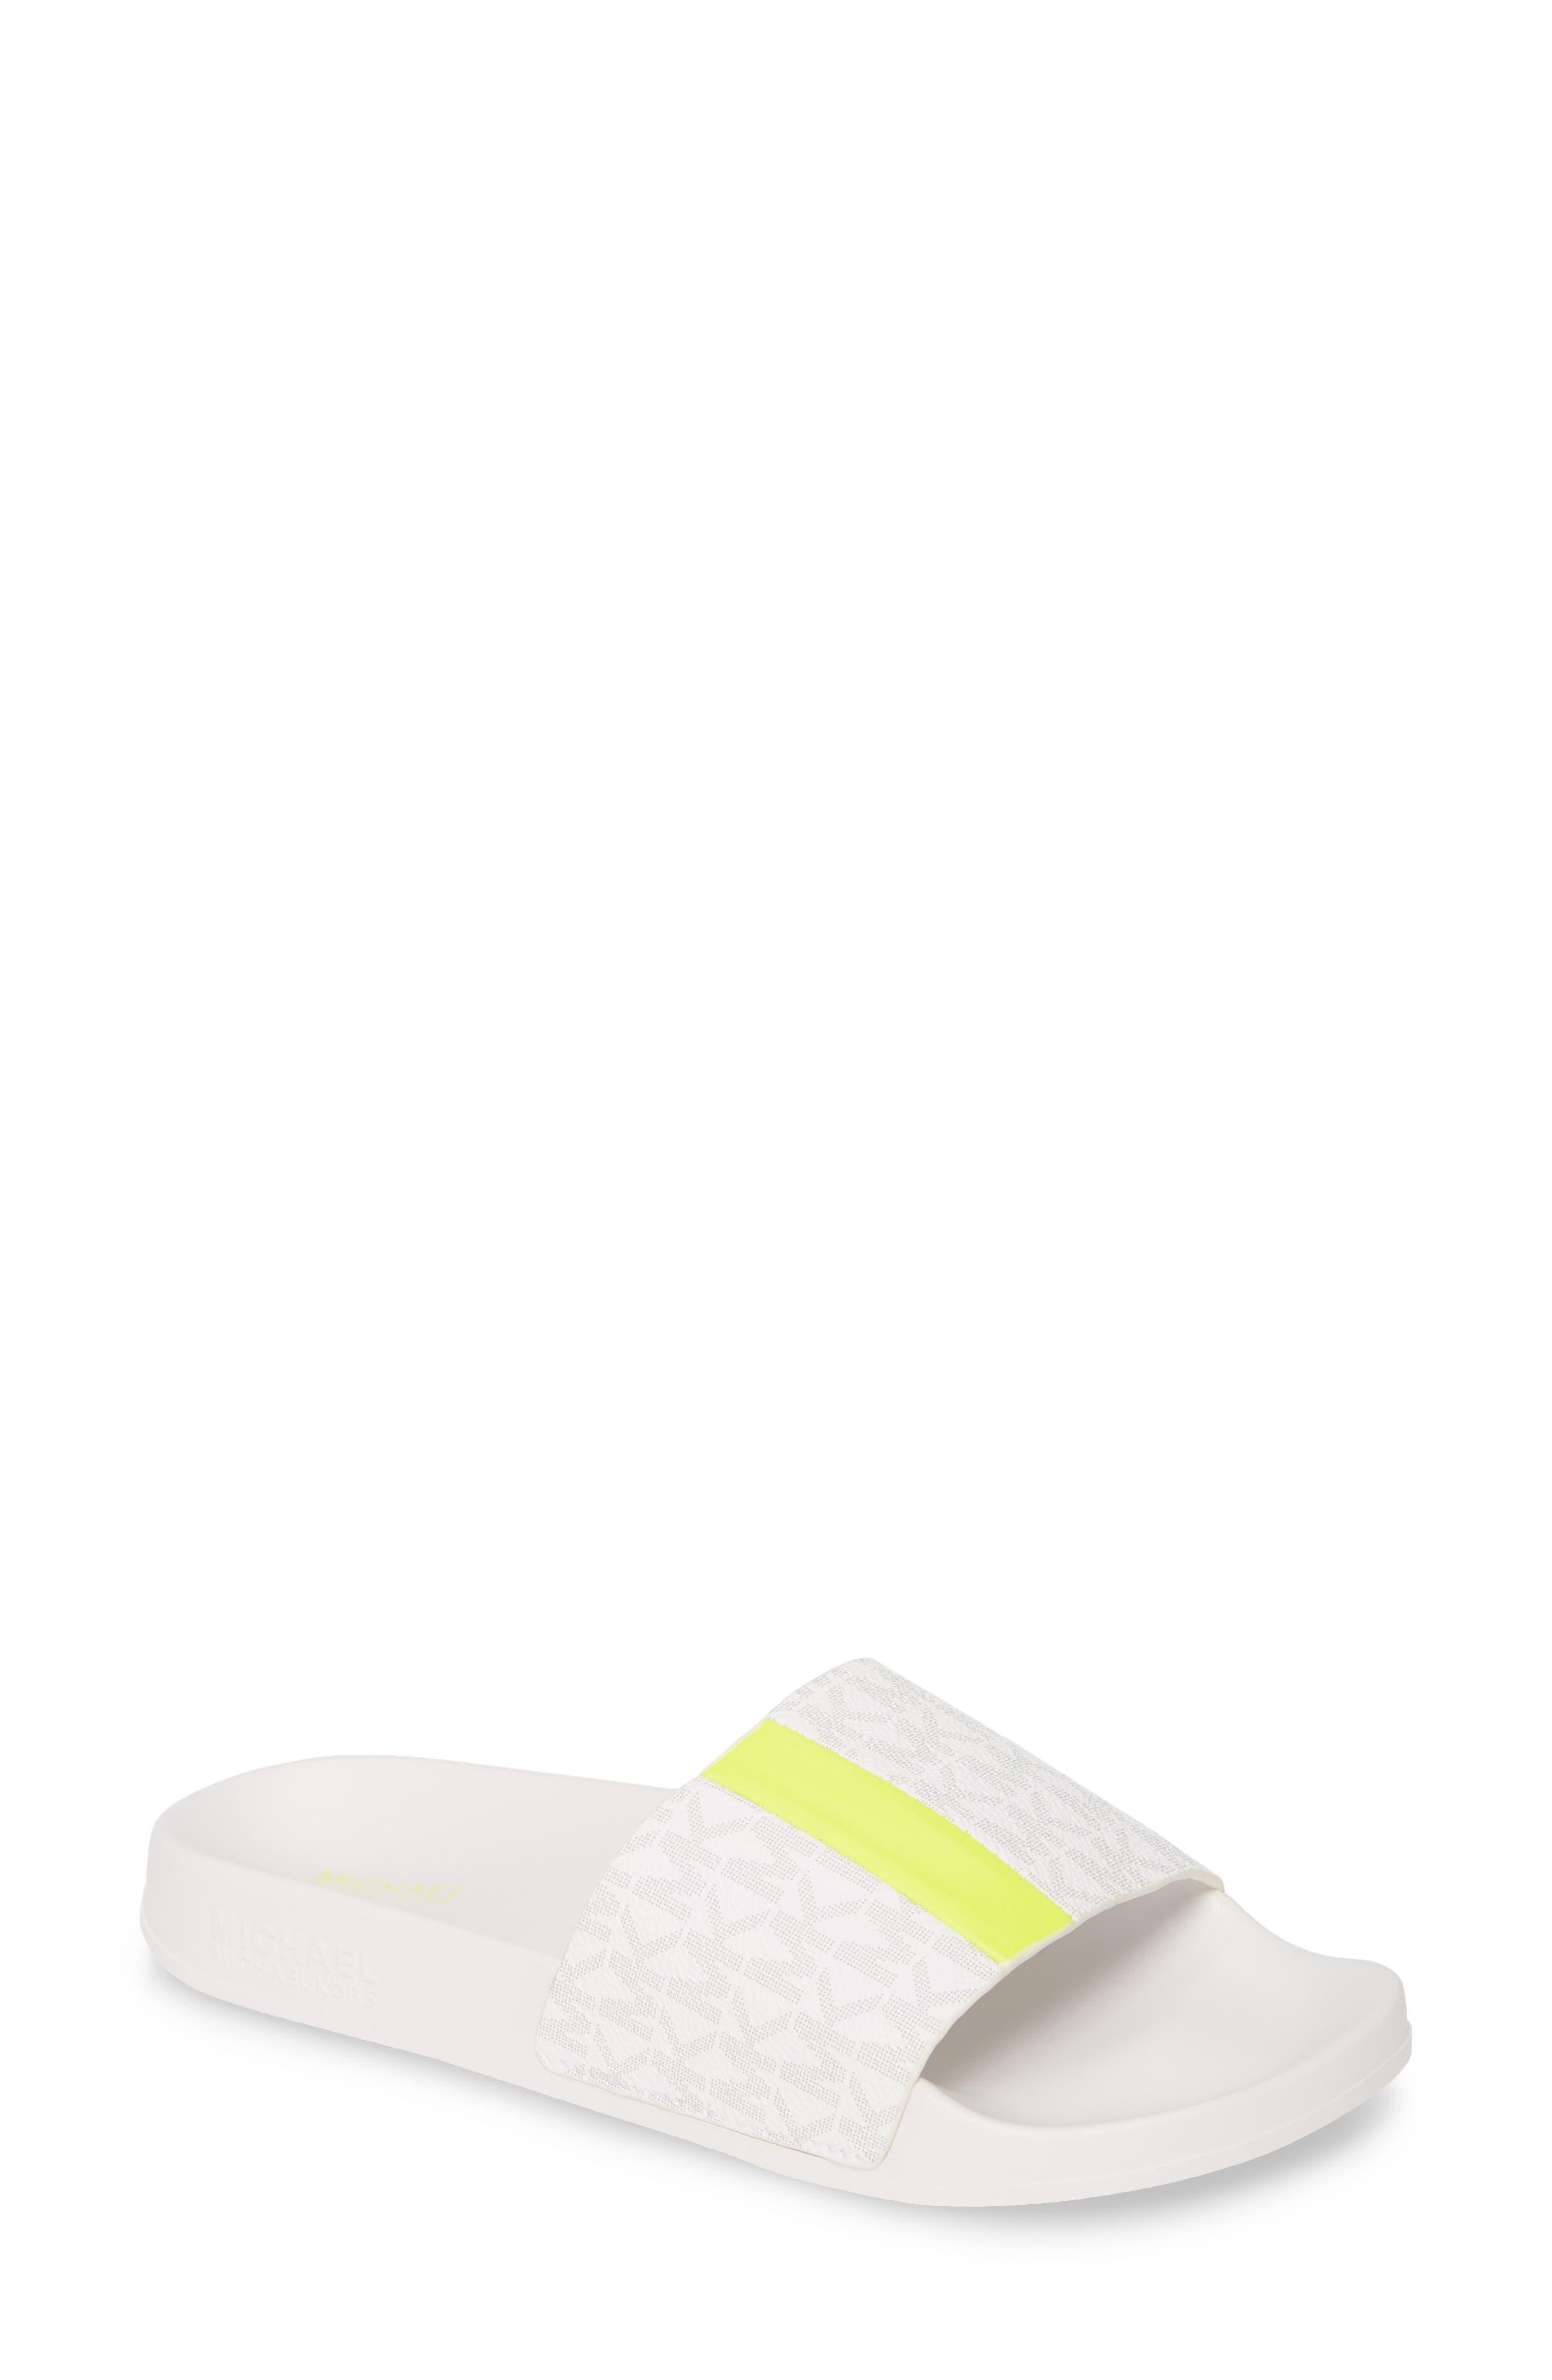 Michael Michael Kors Ayla Sport Slide, White